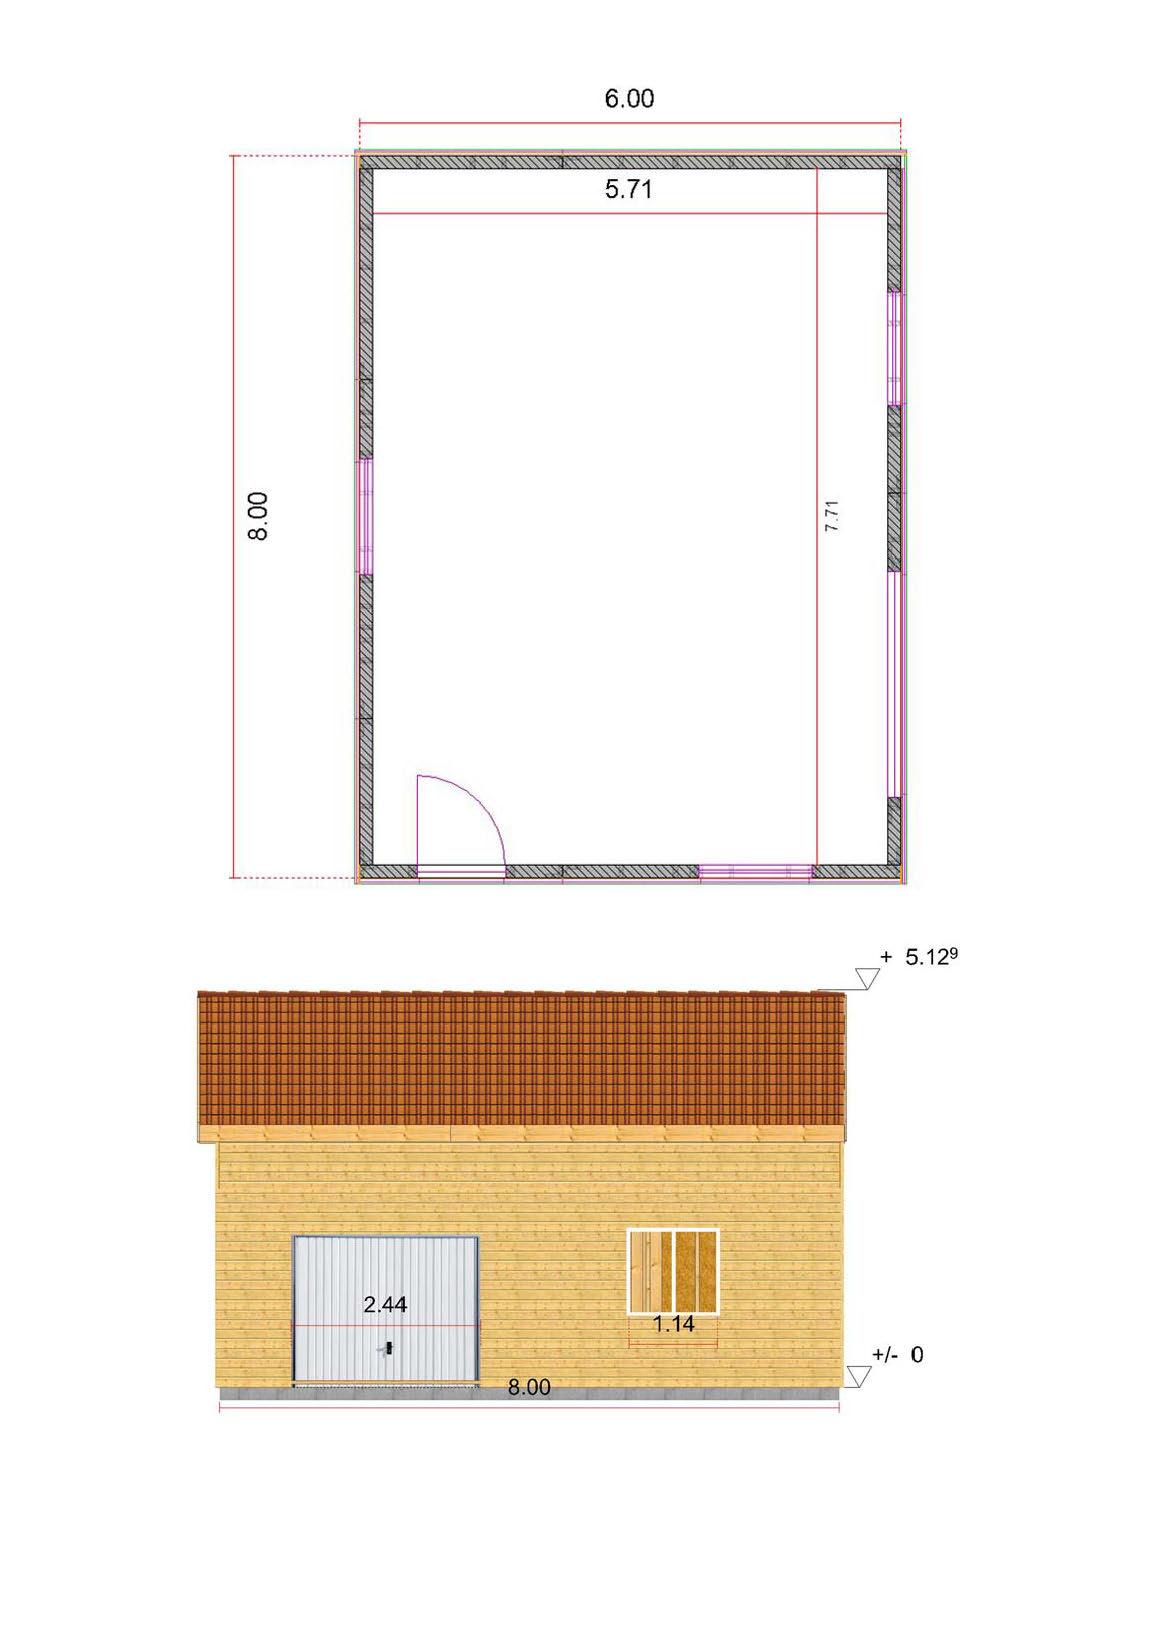 Un garage en ossature bois + atelier 42 M²_Page_5